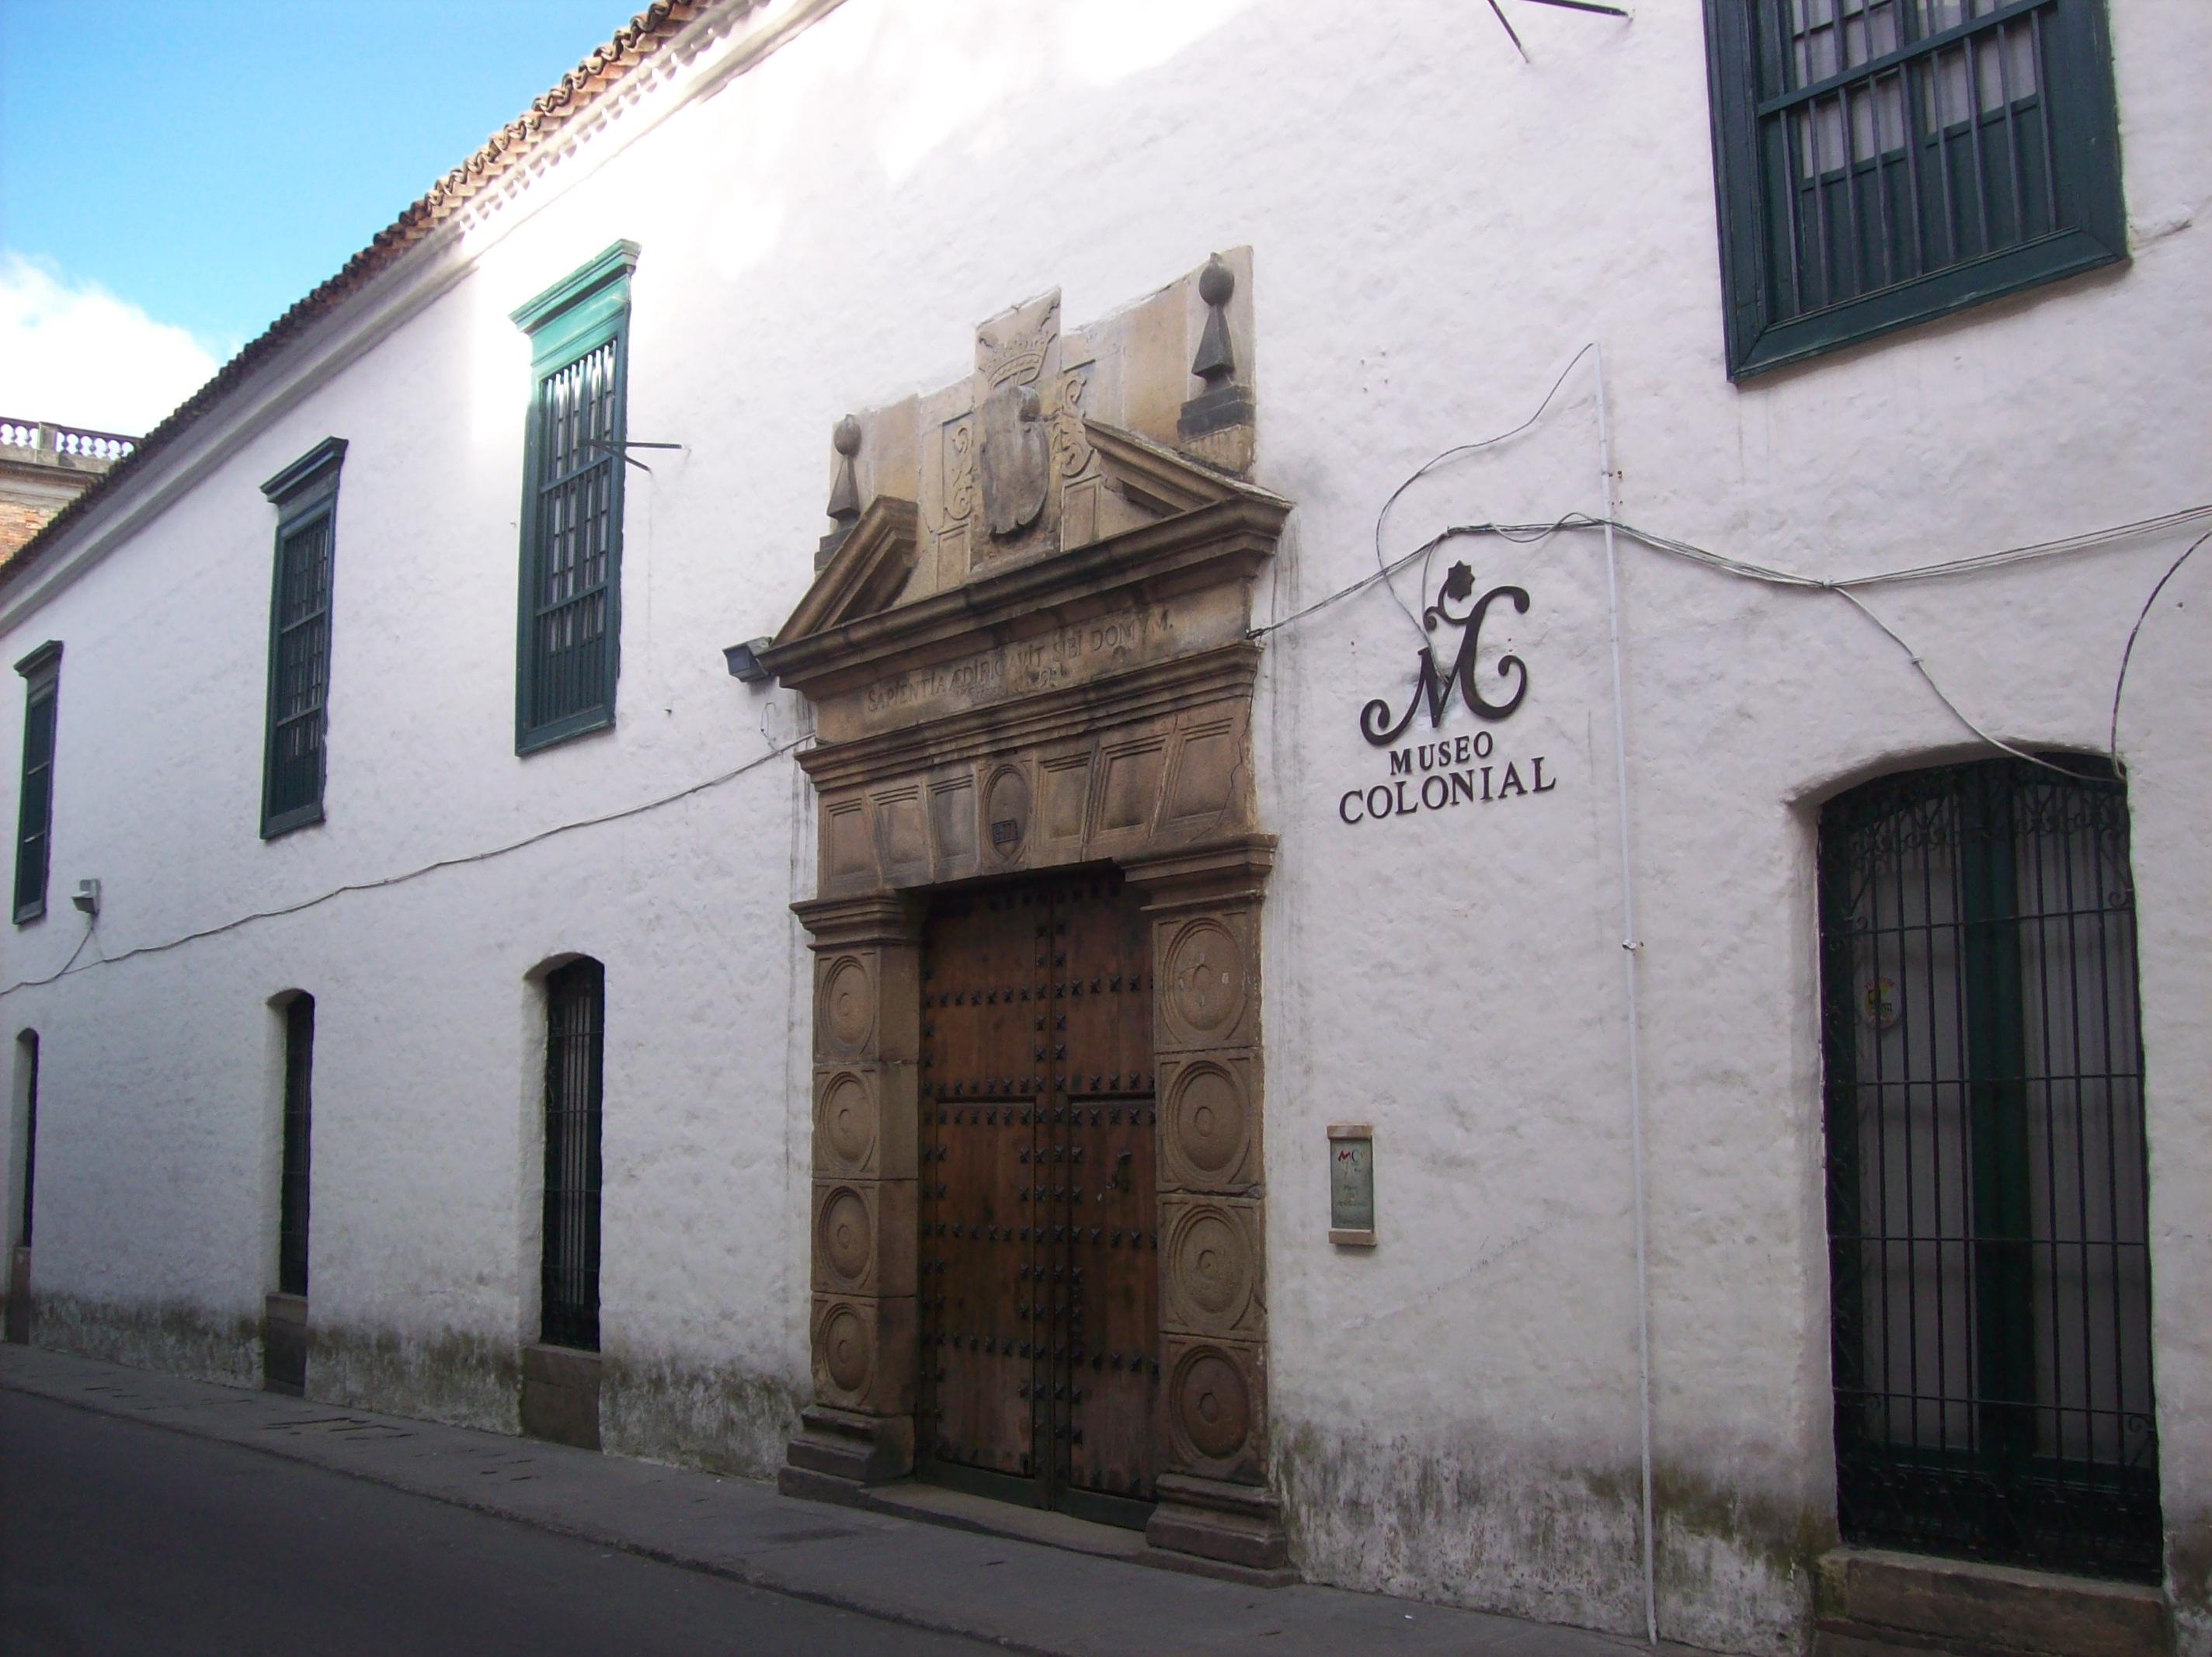 Archivo:Museo AColonialB.jpg - Wikipedia, la enciclopedia libre